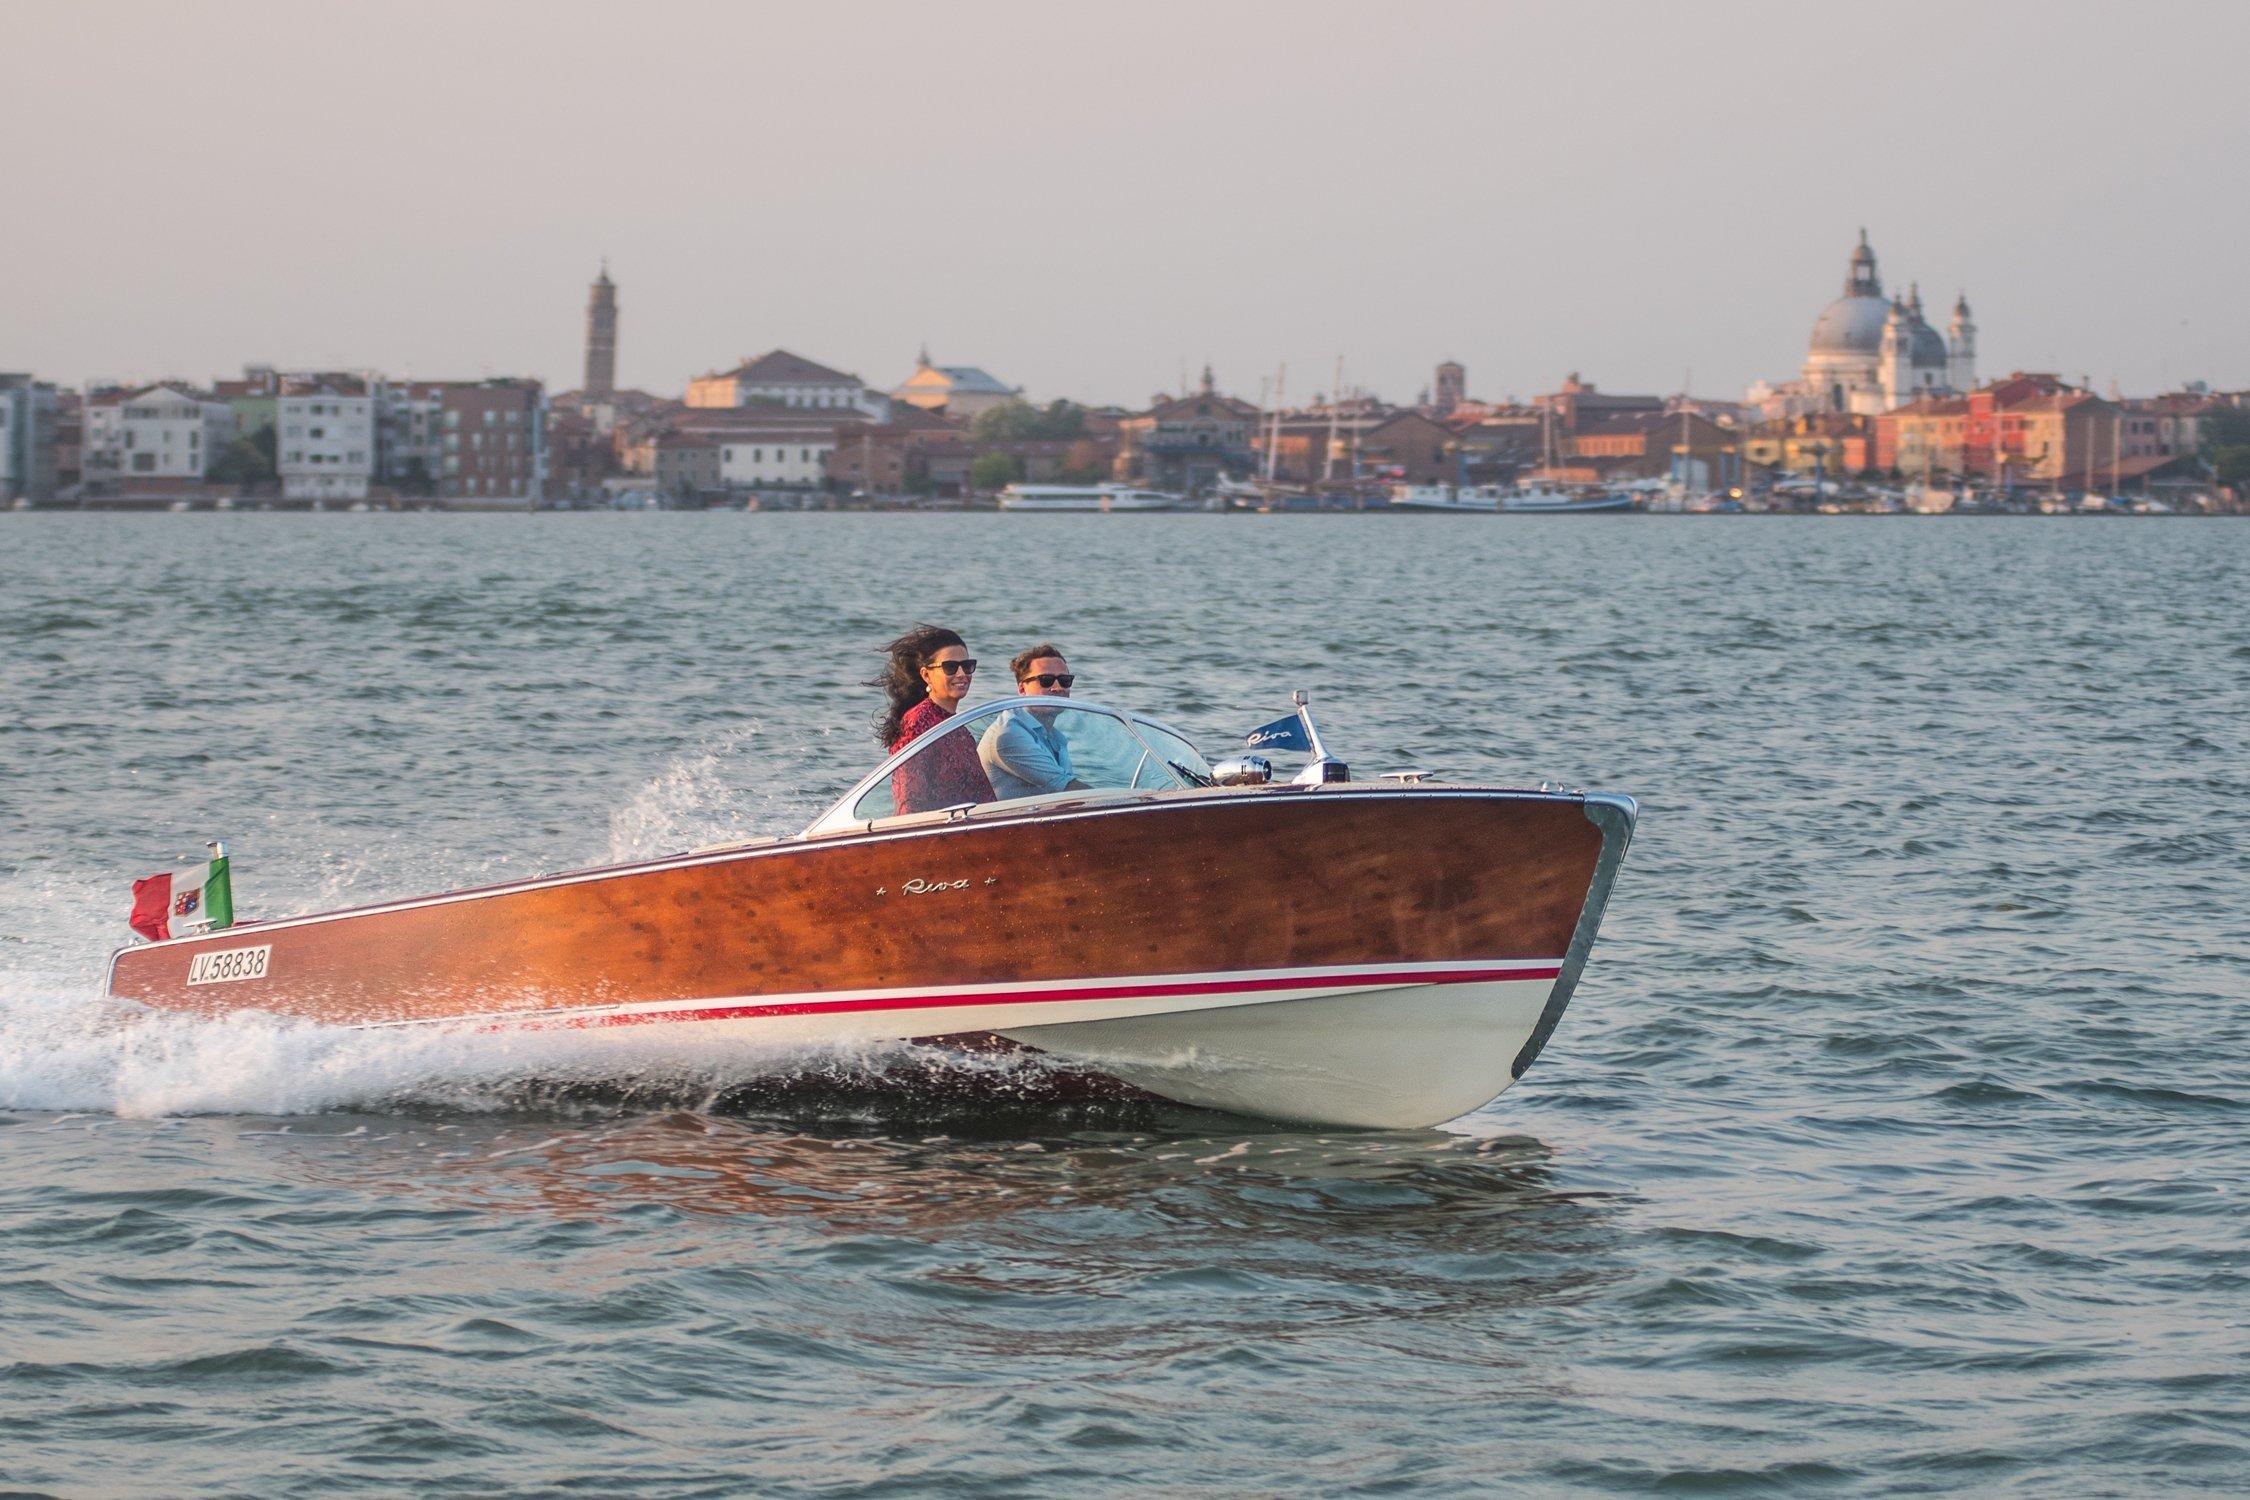 Riva Boat Venice Italy